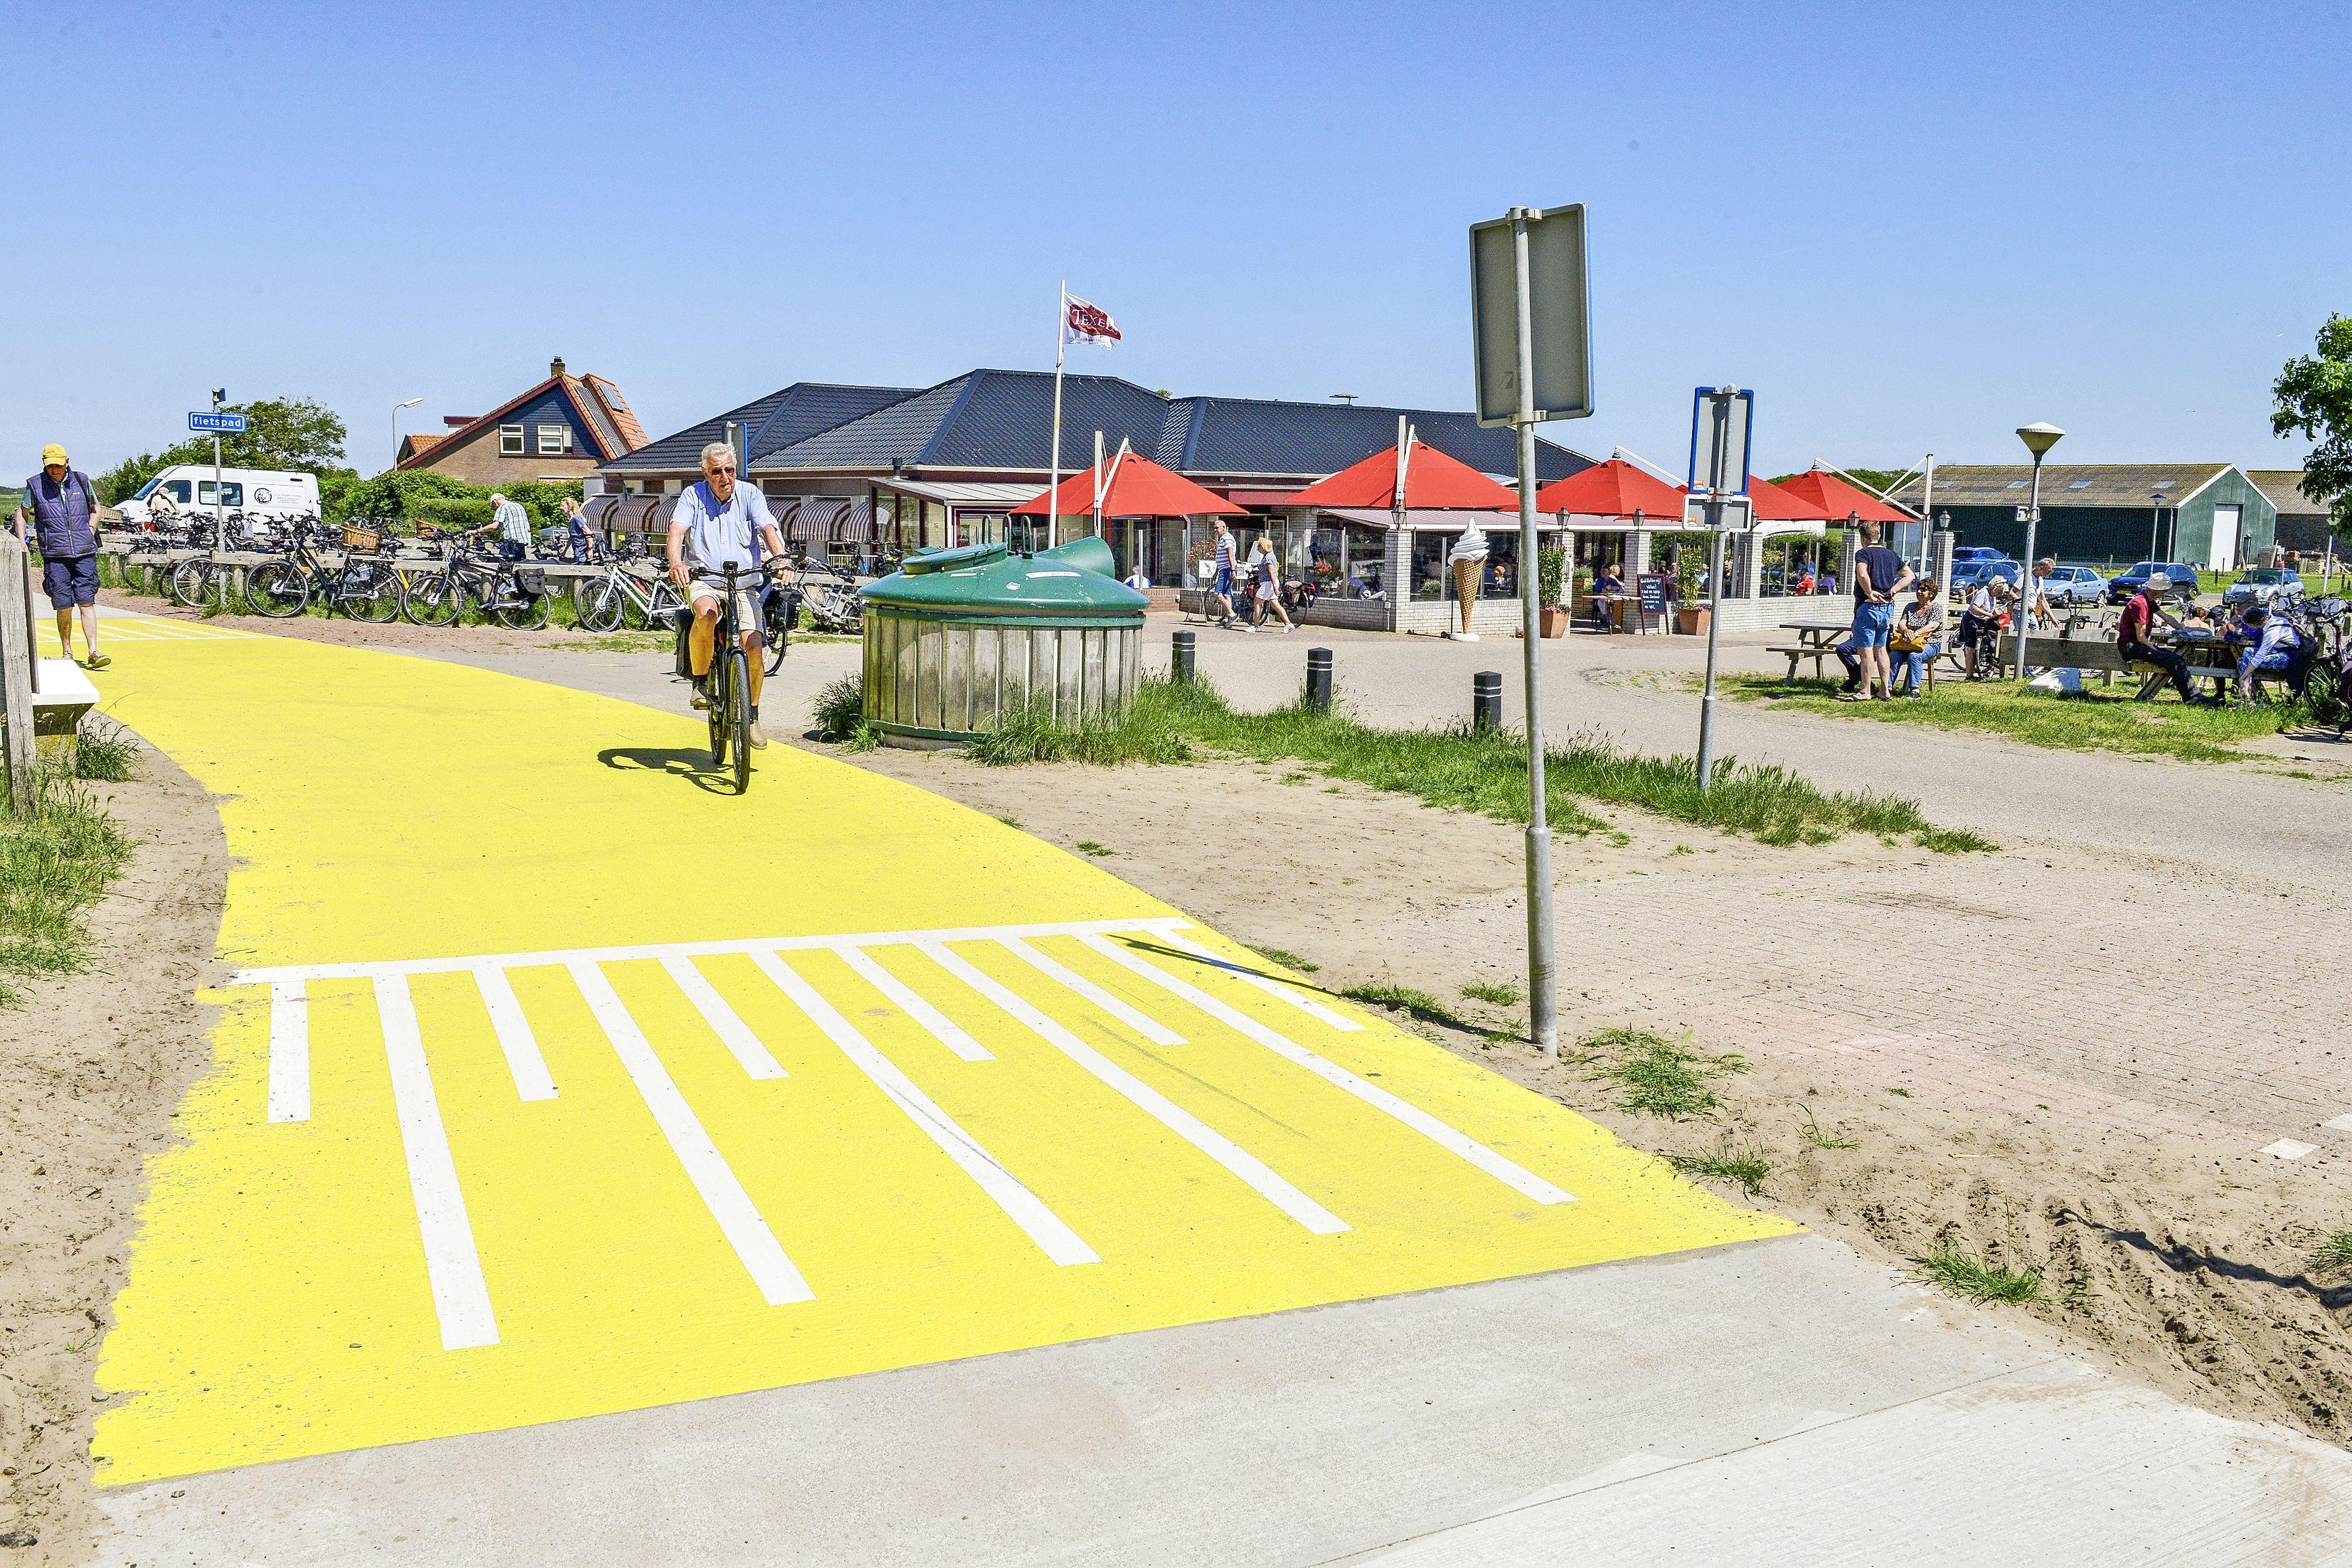 De eerste mijlpaal van het mega-fietspadenproject door de Texelse duinen is een feit. Nu nog een ontwerp voor het verkeersknooppunt bij De Slufter